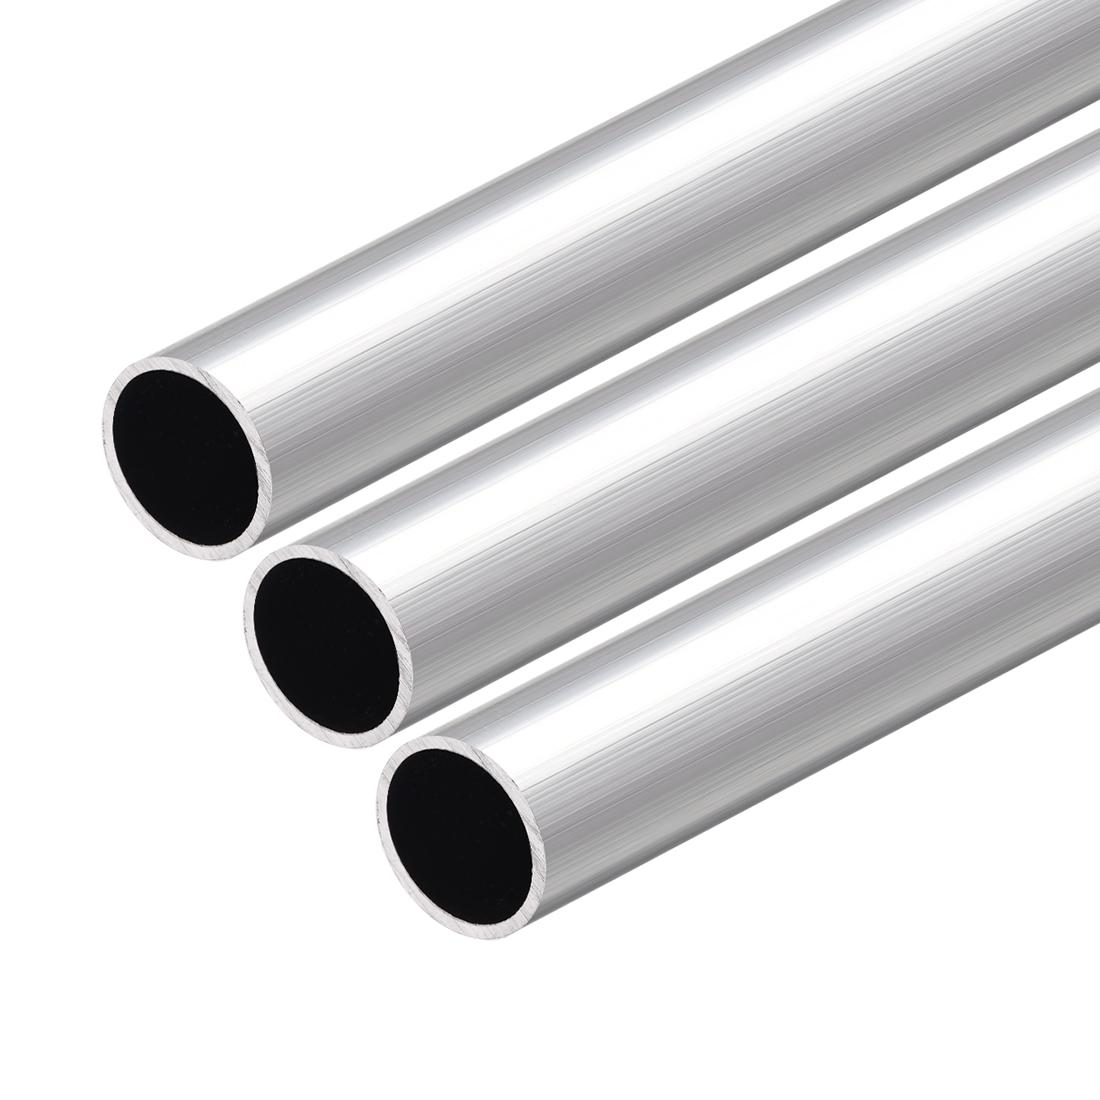 6063 Aluminum Round Tube 300mm Length 20mm OD 18mm Inner Dia Seamless Tube 3 Pcs